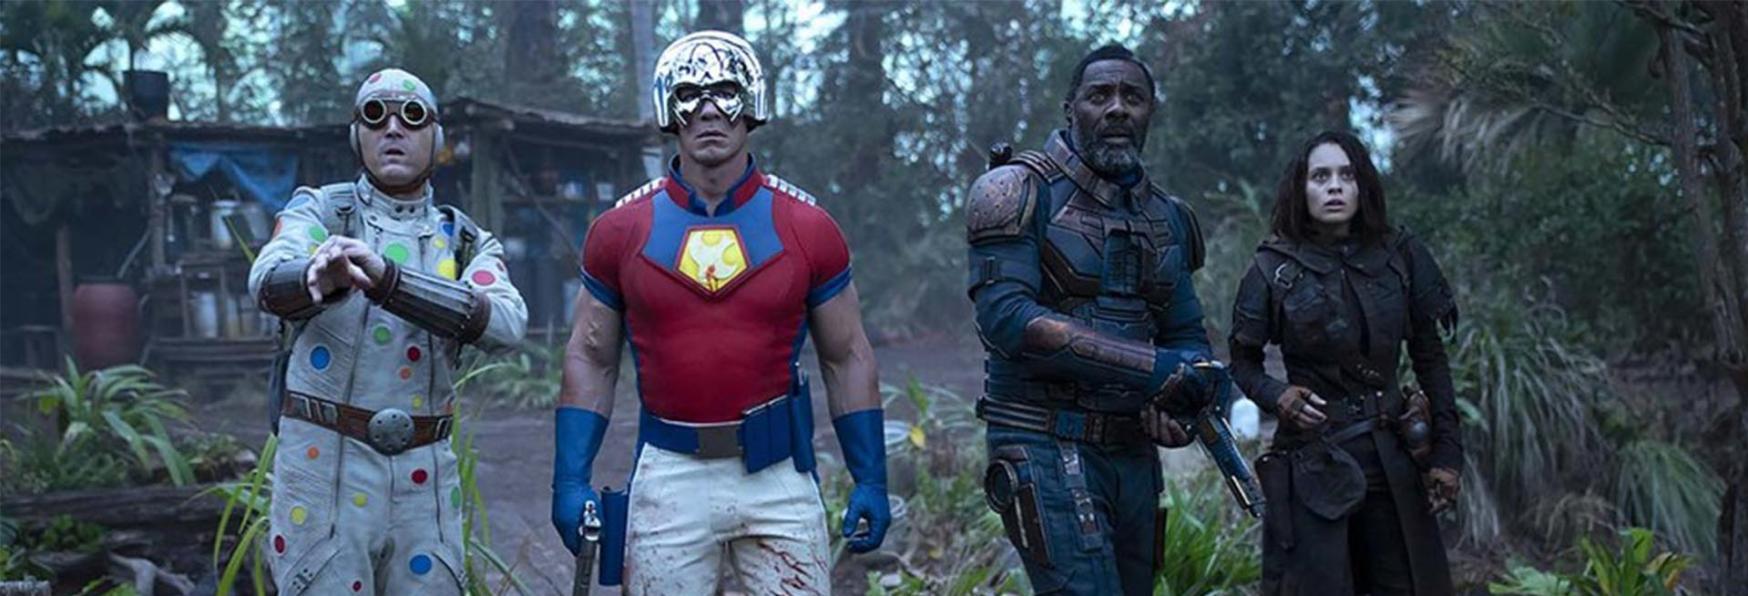 Peacemaker: lo Spin-off di The Suicide Squad avrà più Azione di Qualsiasi Serie TV di Supereroi di sempre!